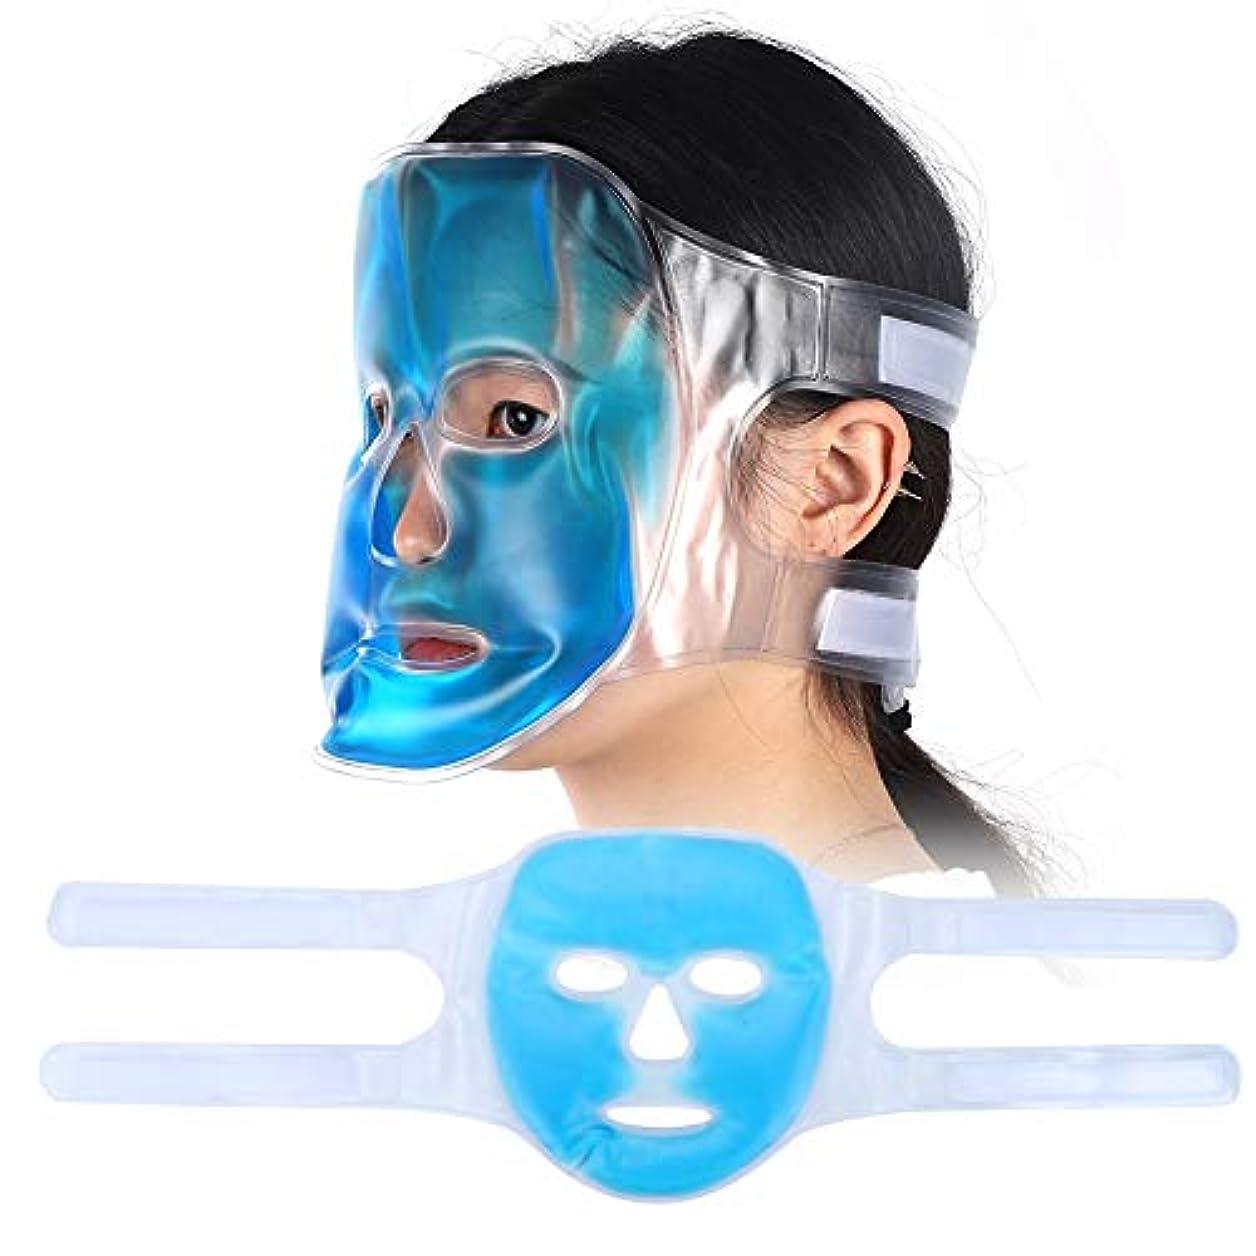 取り囲む疑問を超えて苗非毒性 保湿 ジェルブルーフェイスマスク 疲労緩和 リラクゼーションフルフェイスクーリングマスク